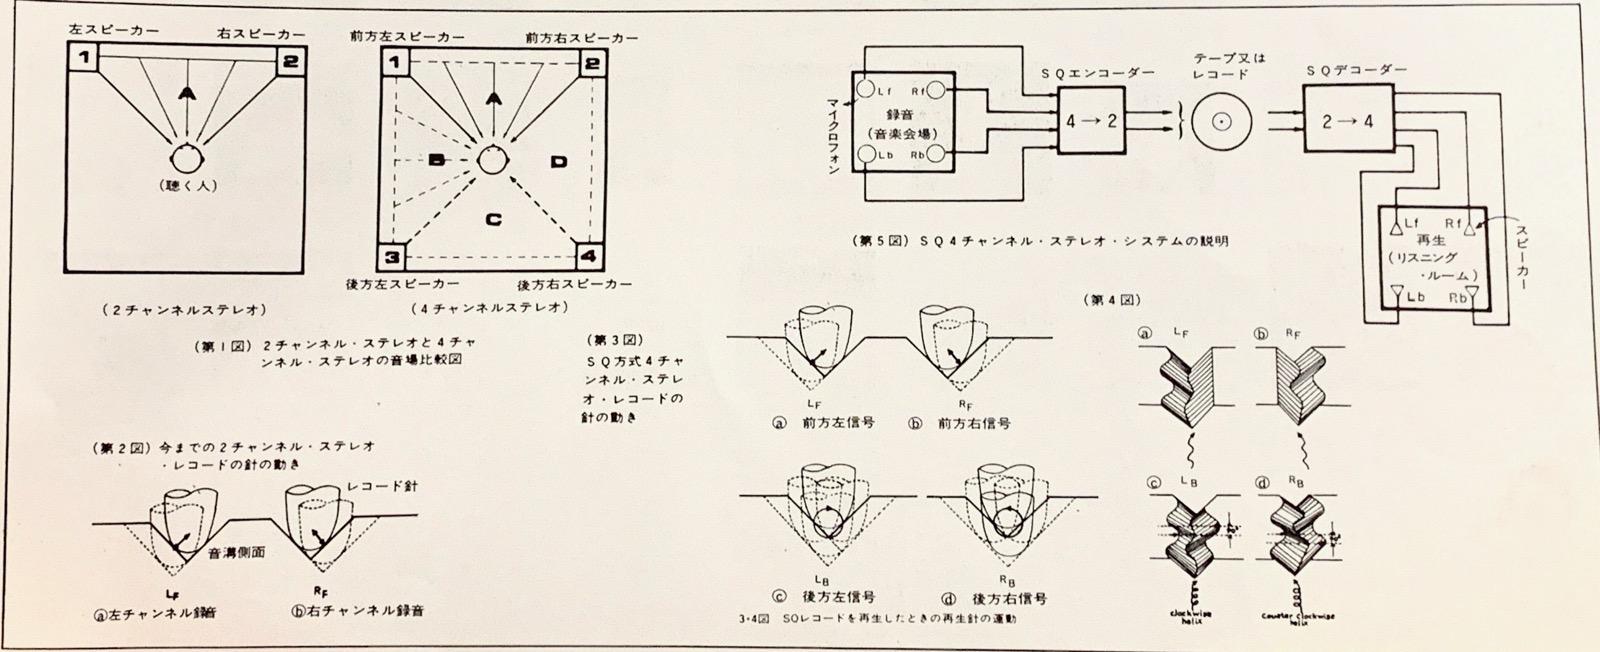 4チャンネルレコードの図解 quadrophonic